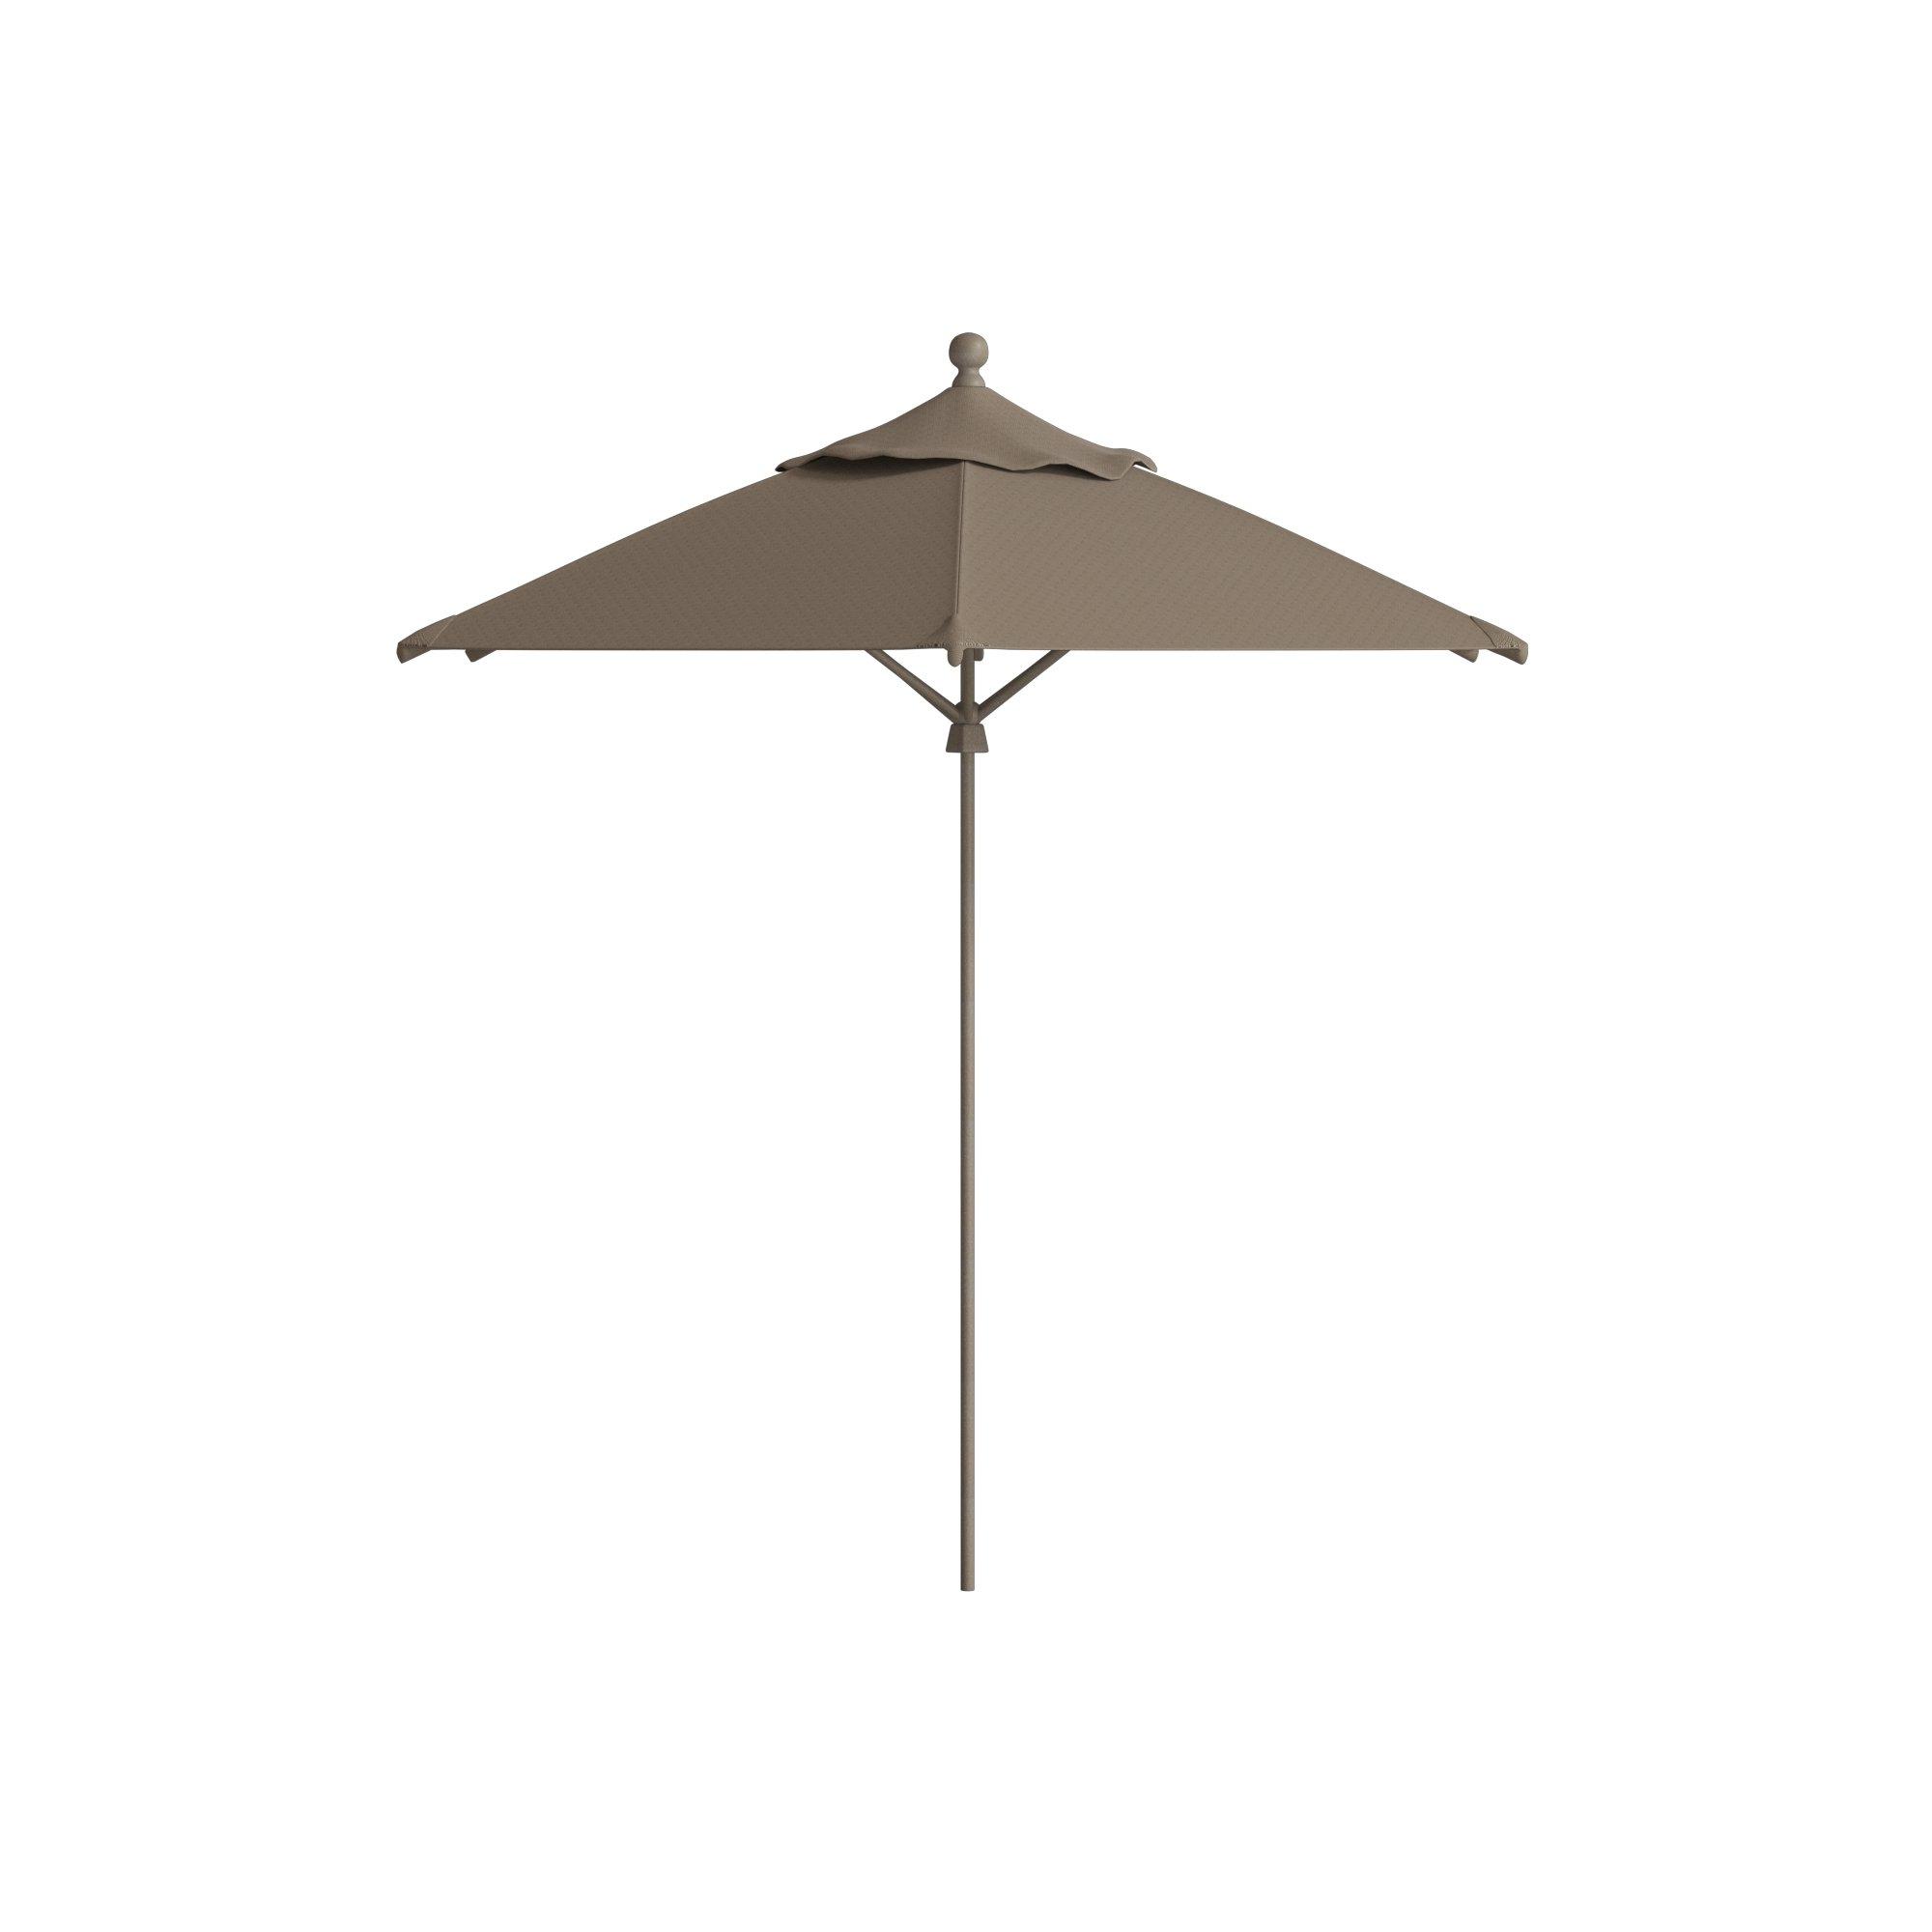 Portofino 8' Market Umbrella Pertaining To Popular Caravelle Market Umbrellas (View 14 of 20)